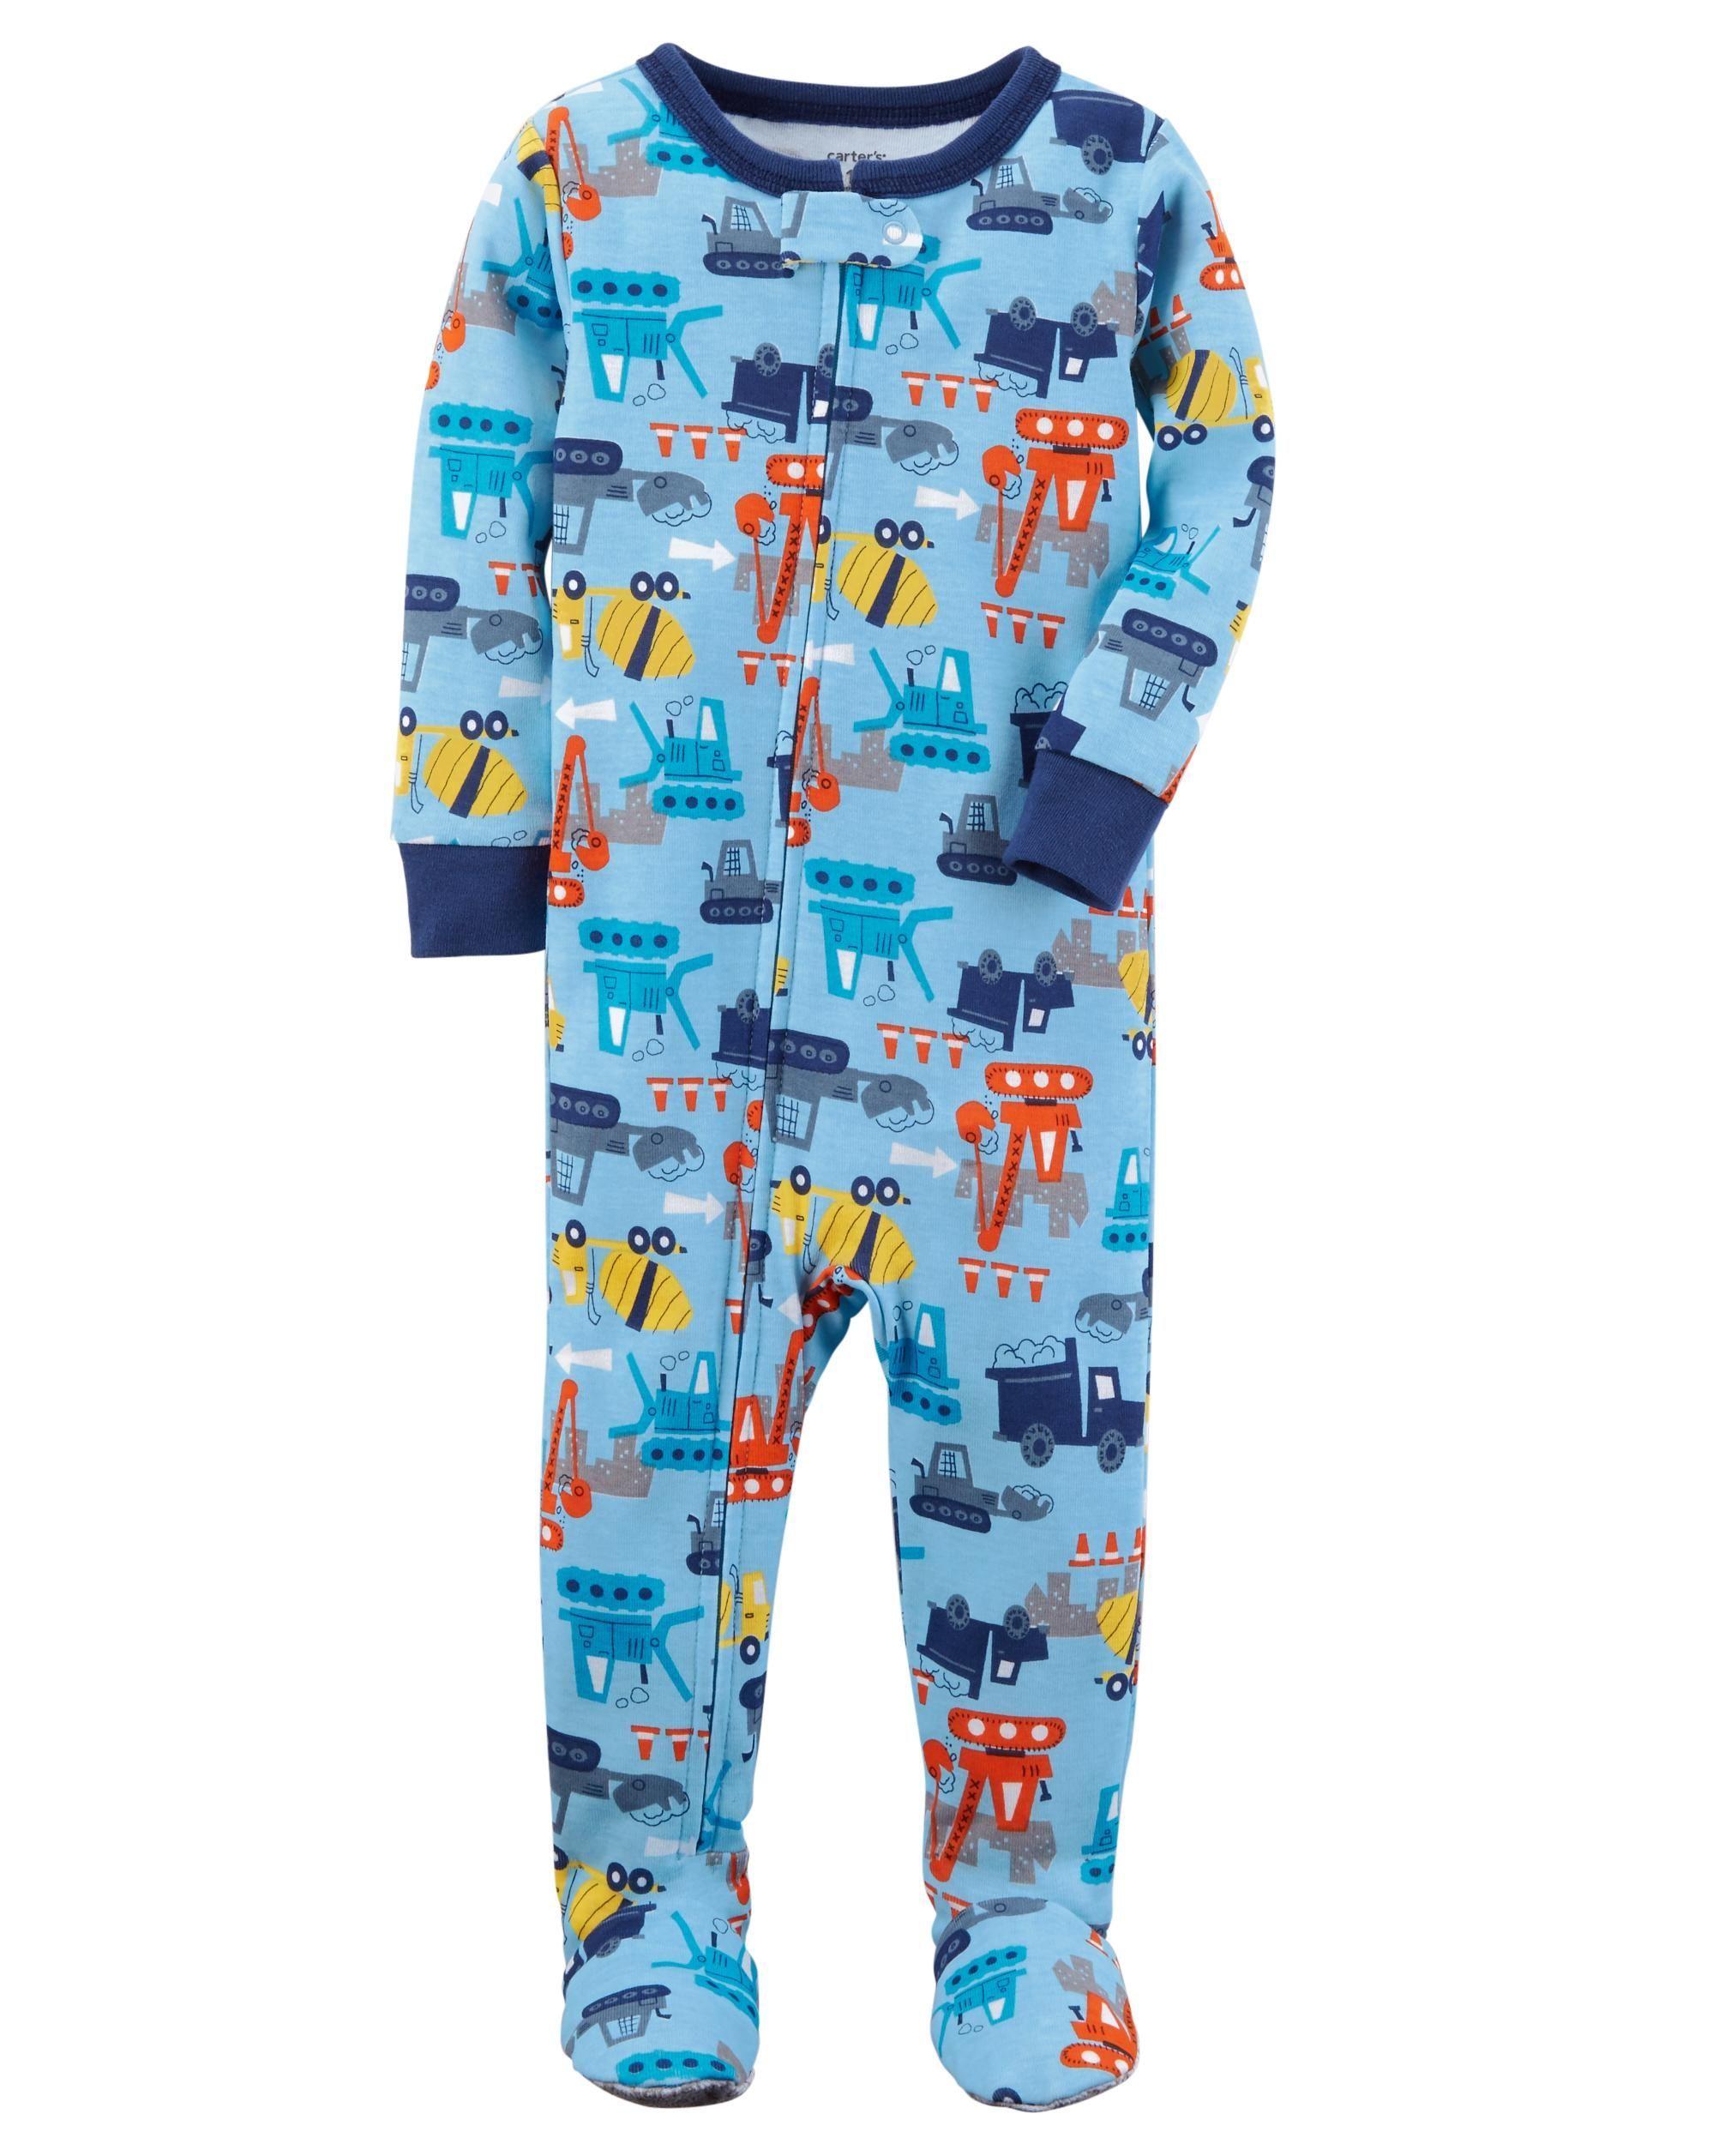 67372c474019 1-Piece Construction Snug Fit Cotton PJs